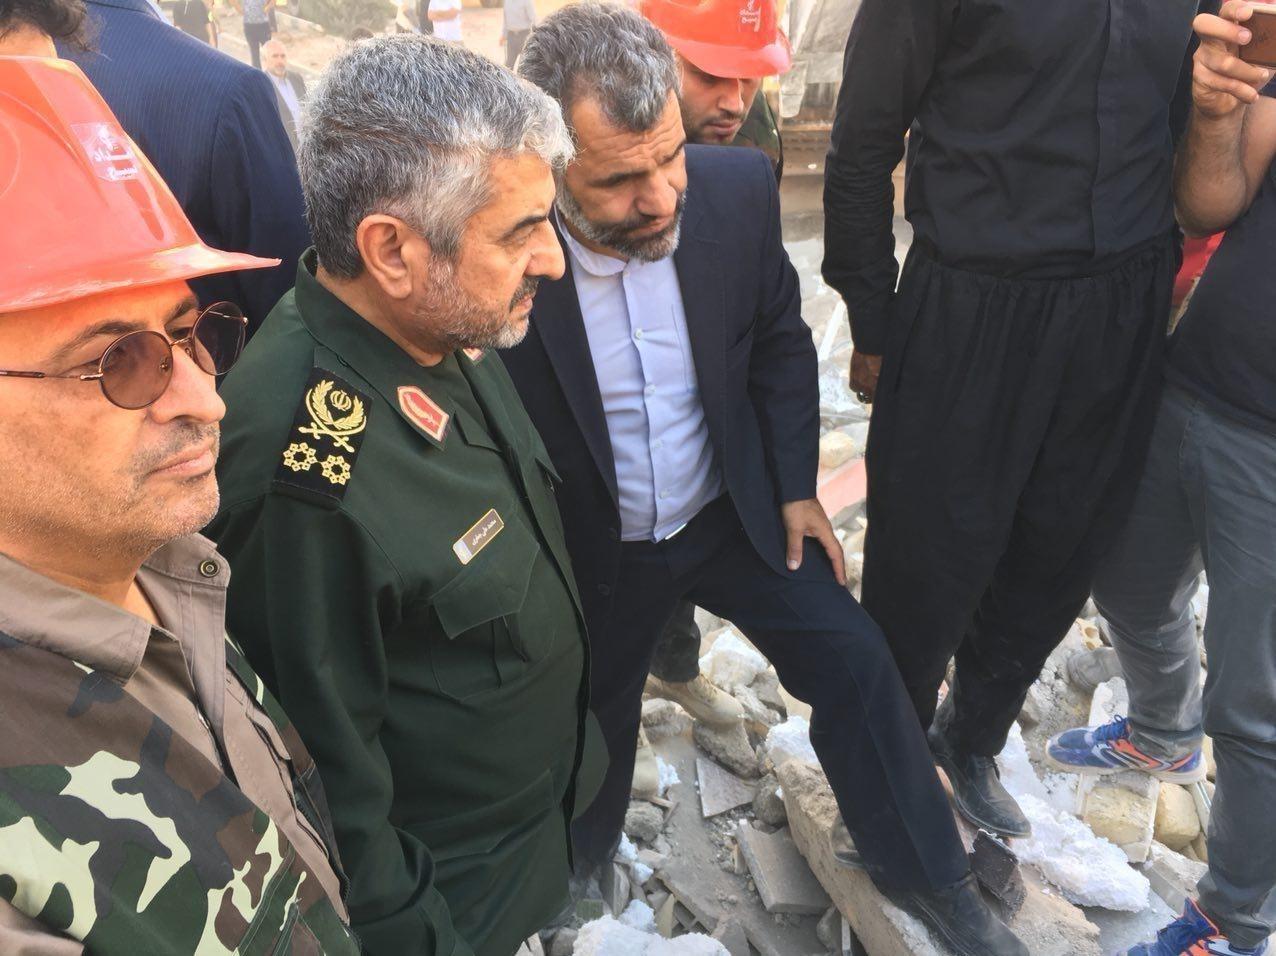 حضور فرمانده کل سپاه در مناطق زلزلهزده (+عکس)